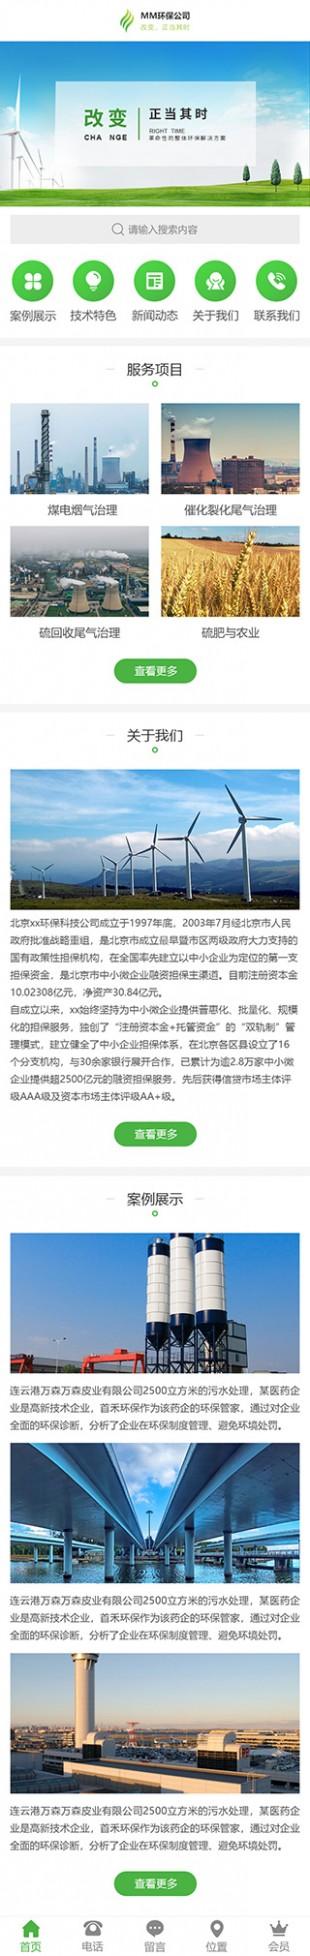 环保行业网站建设模板手机图片